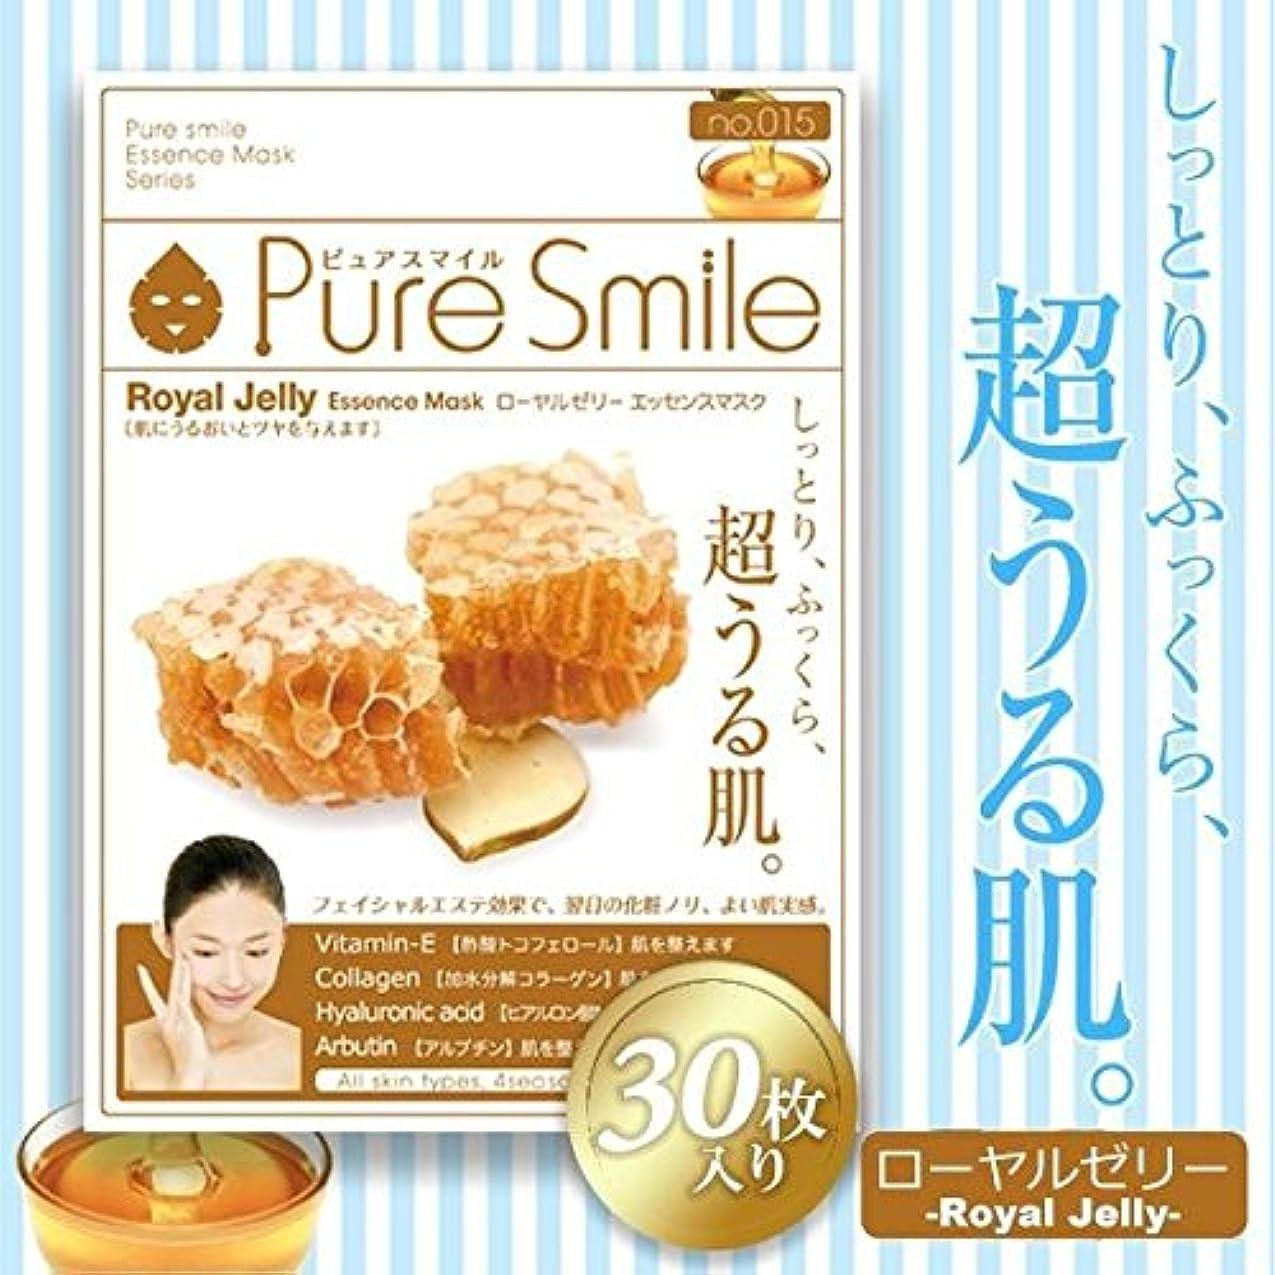 雑種カニセラフPure Smile(ピュアスマイル) エッセンス?フェイスマスク ローヤルゼリー 1シート入り×30セット